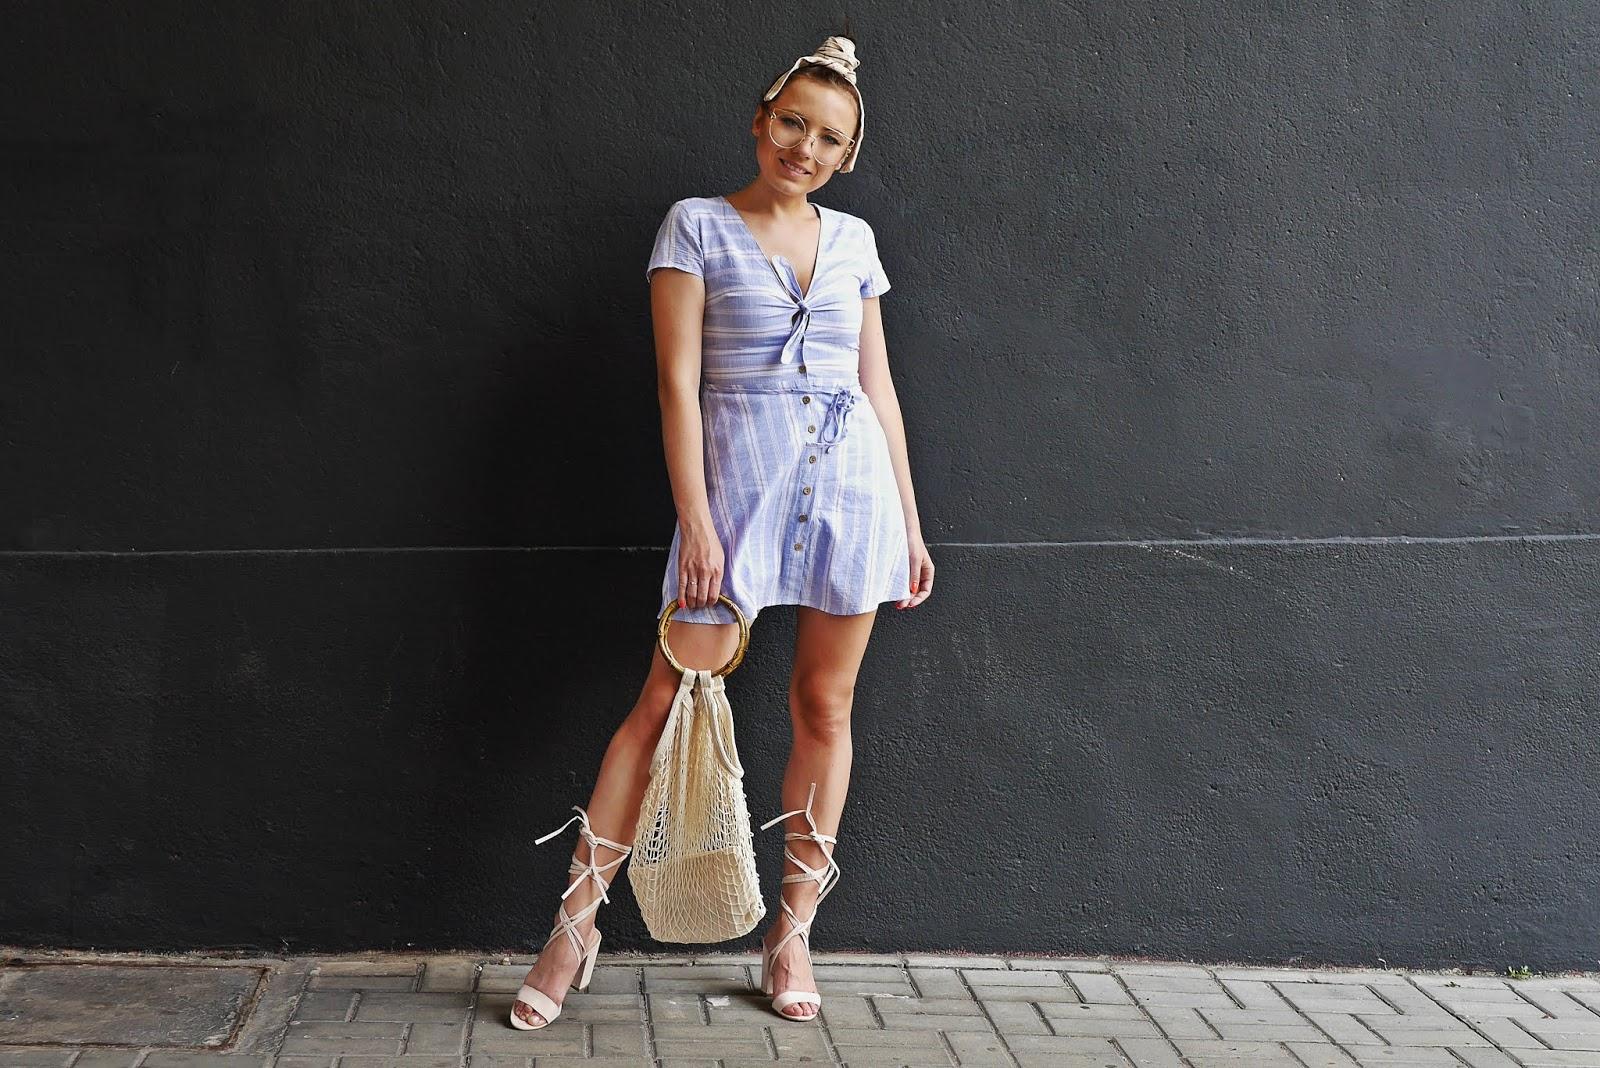 sukienka w pasy sinsay bezowe sandały bonprix siatka na zakupy torebka karyn blog modowy blogerka modowa